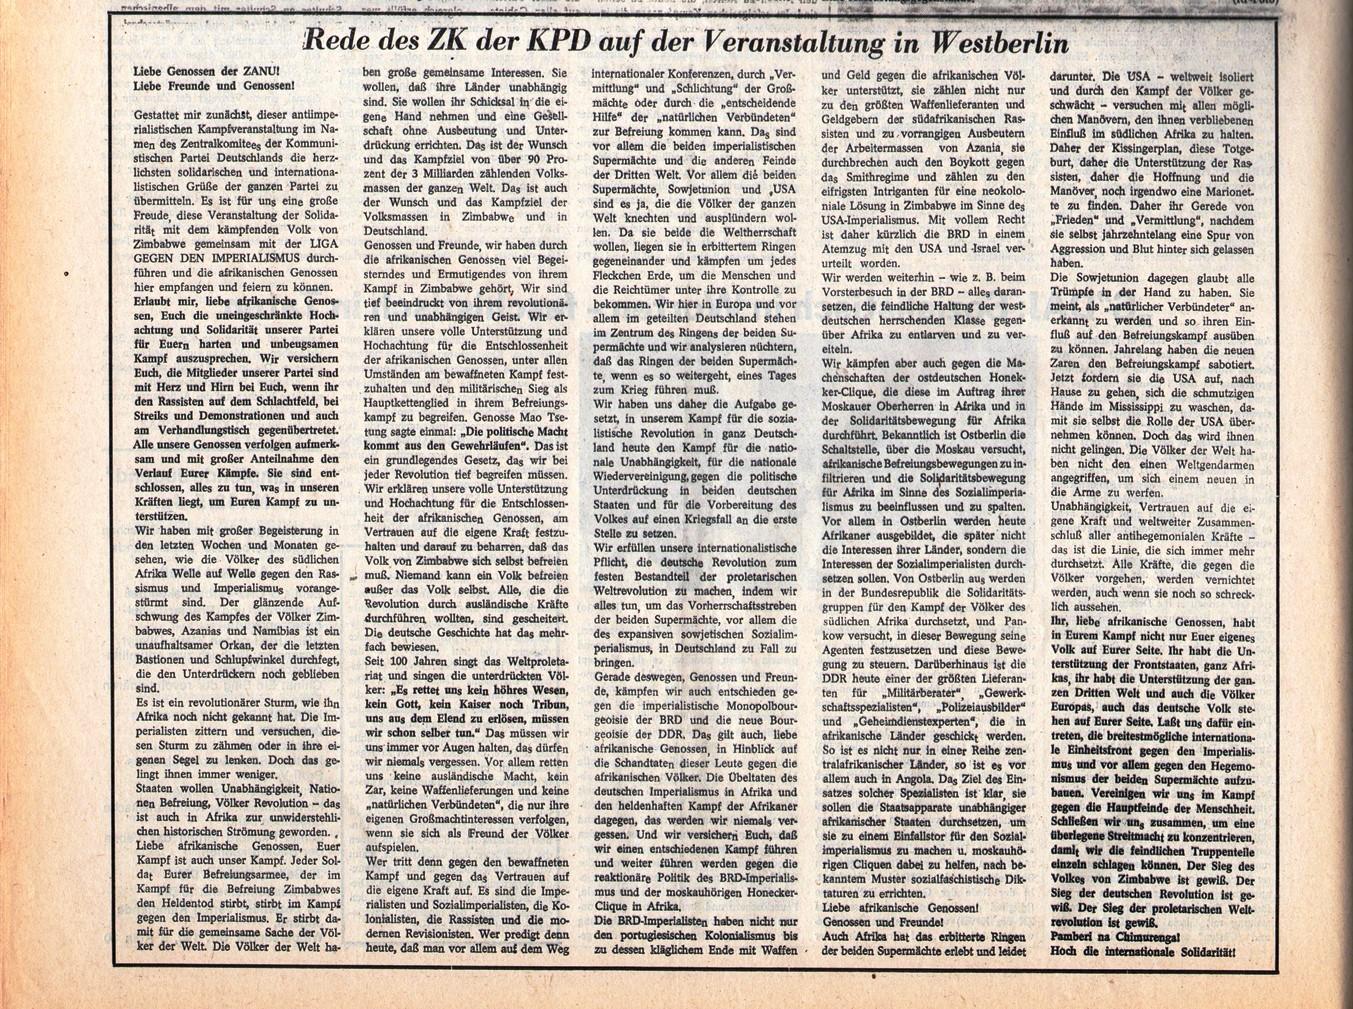 KPD_Rote_Fahne_1976_49_16